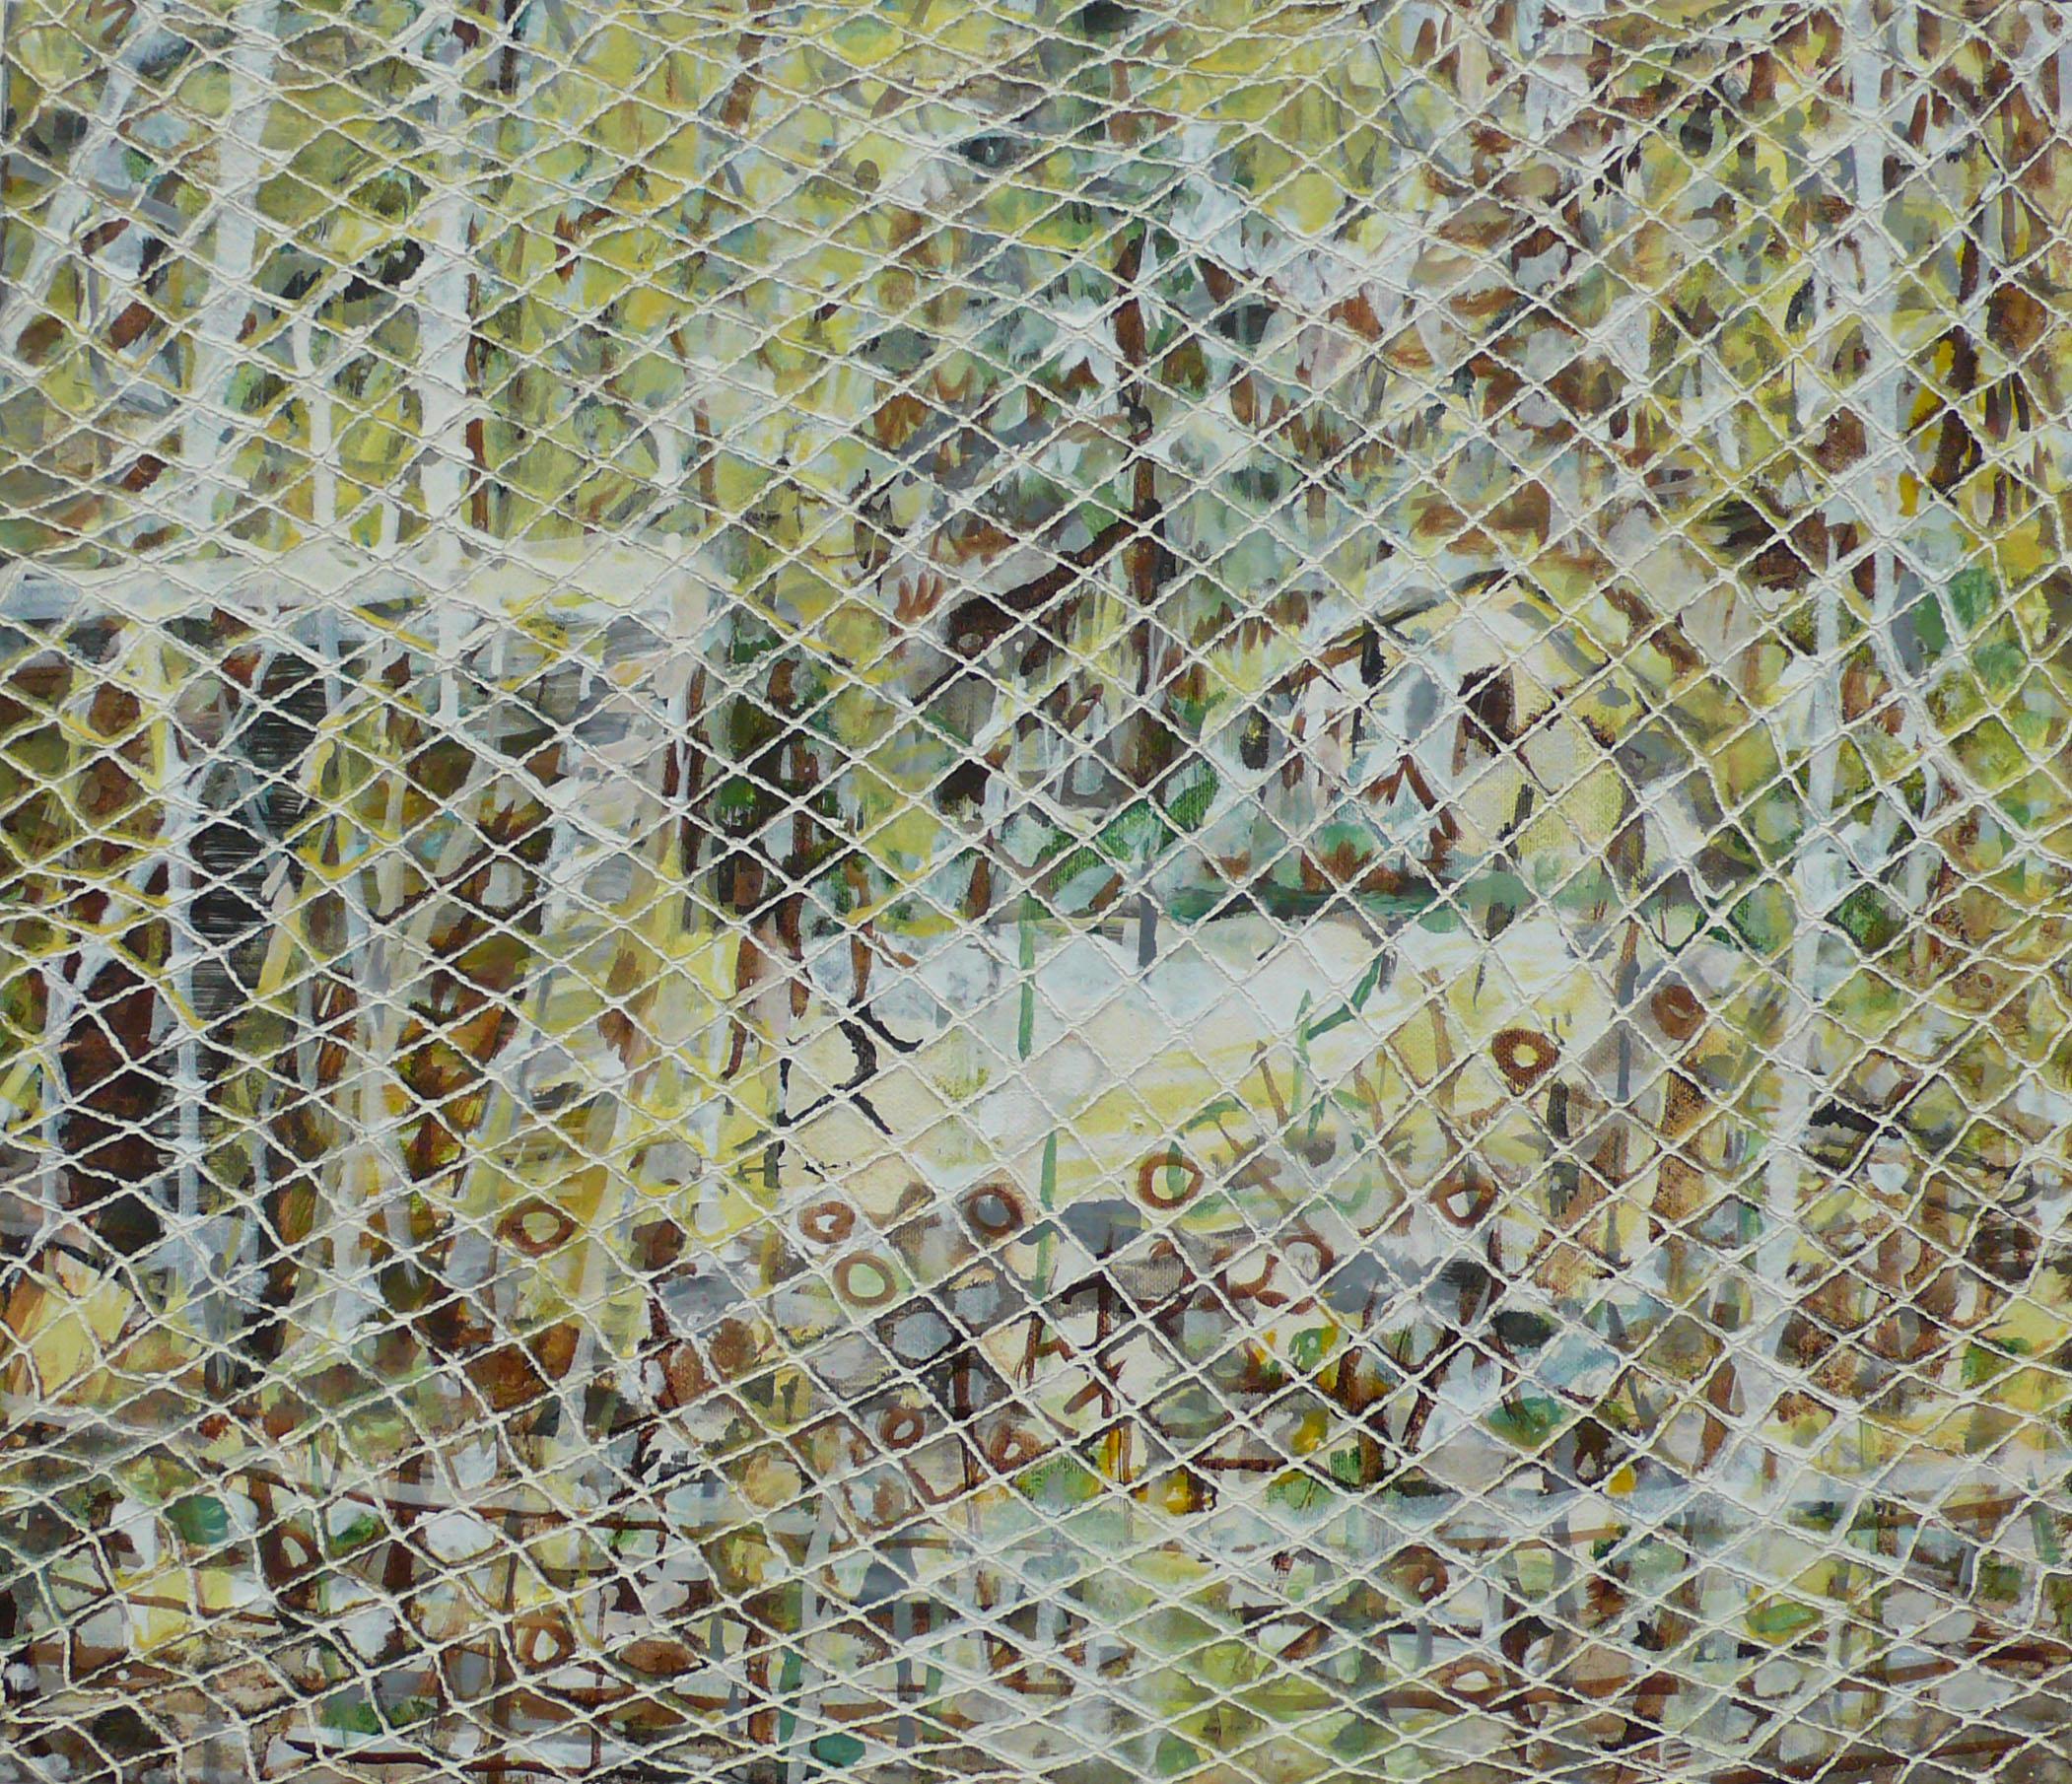 Ogródki rodzinne (12 elementów), olej napłótnie, 43 x 50 cm każdy, 2013